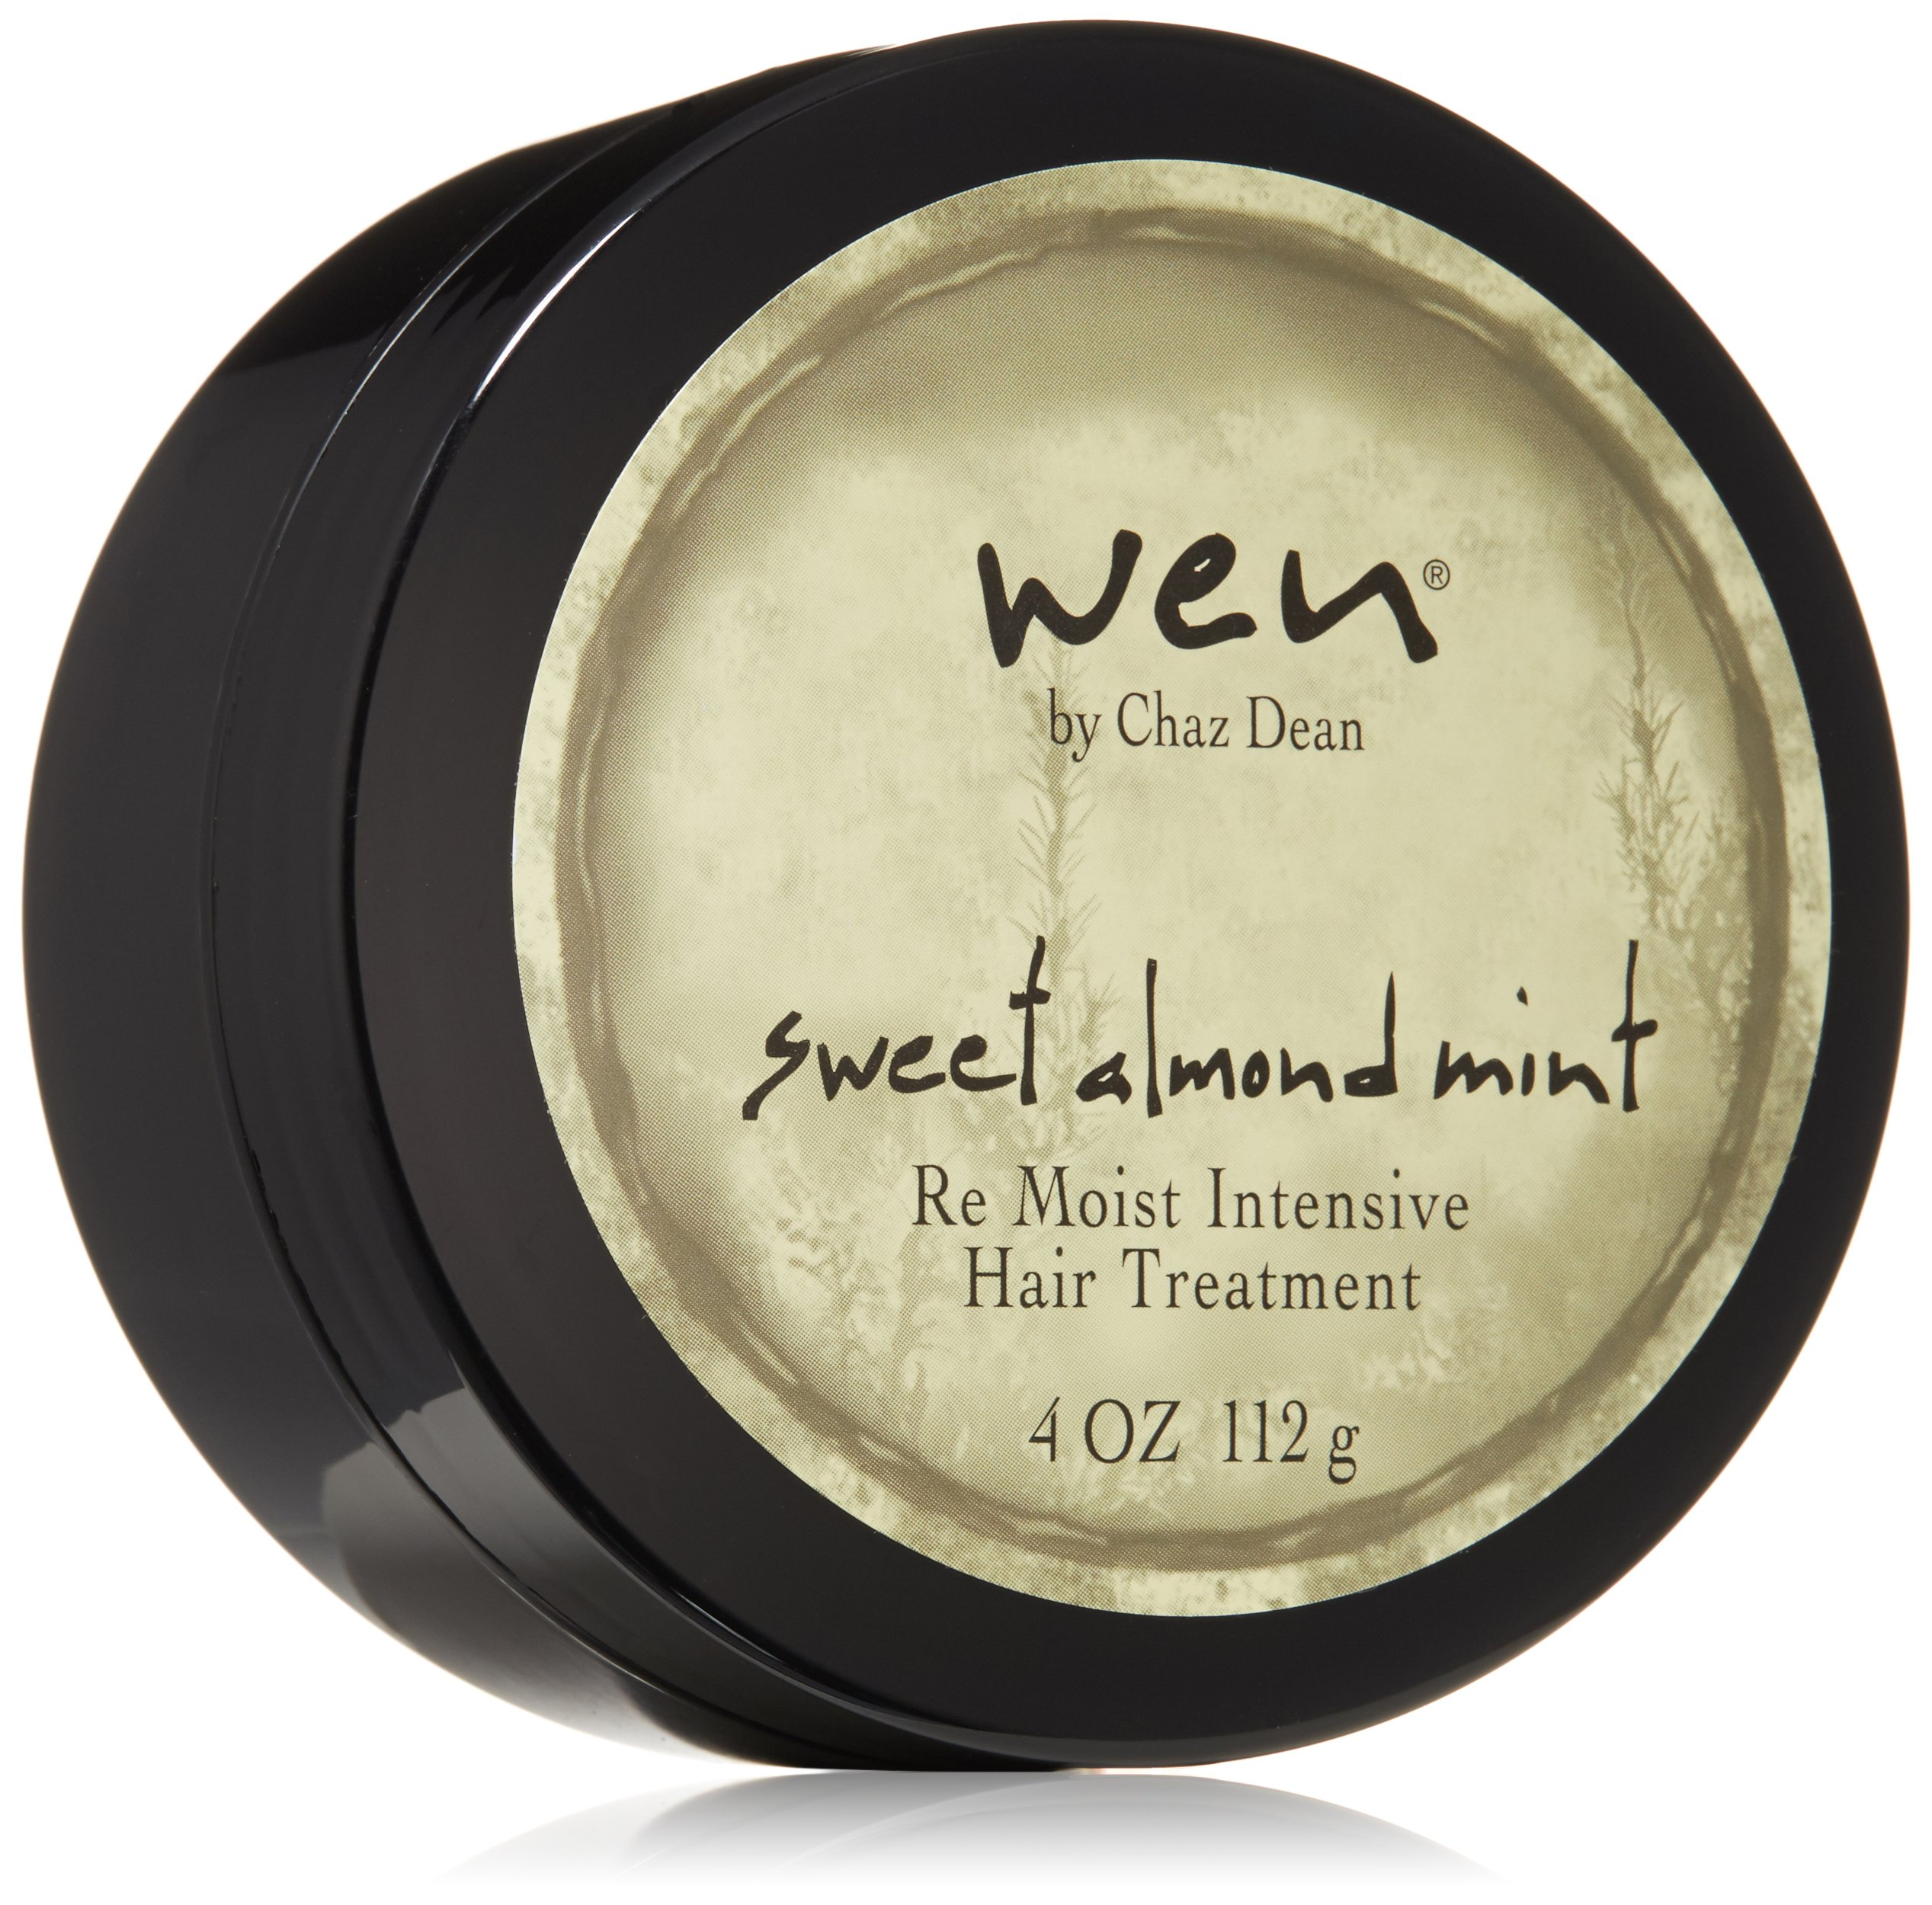 WEN by Chaz Dean Sweet Almond Mint Re Moist Hair Treatment, 4 fl. oz. by WEN by Chaz Dean